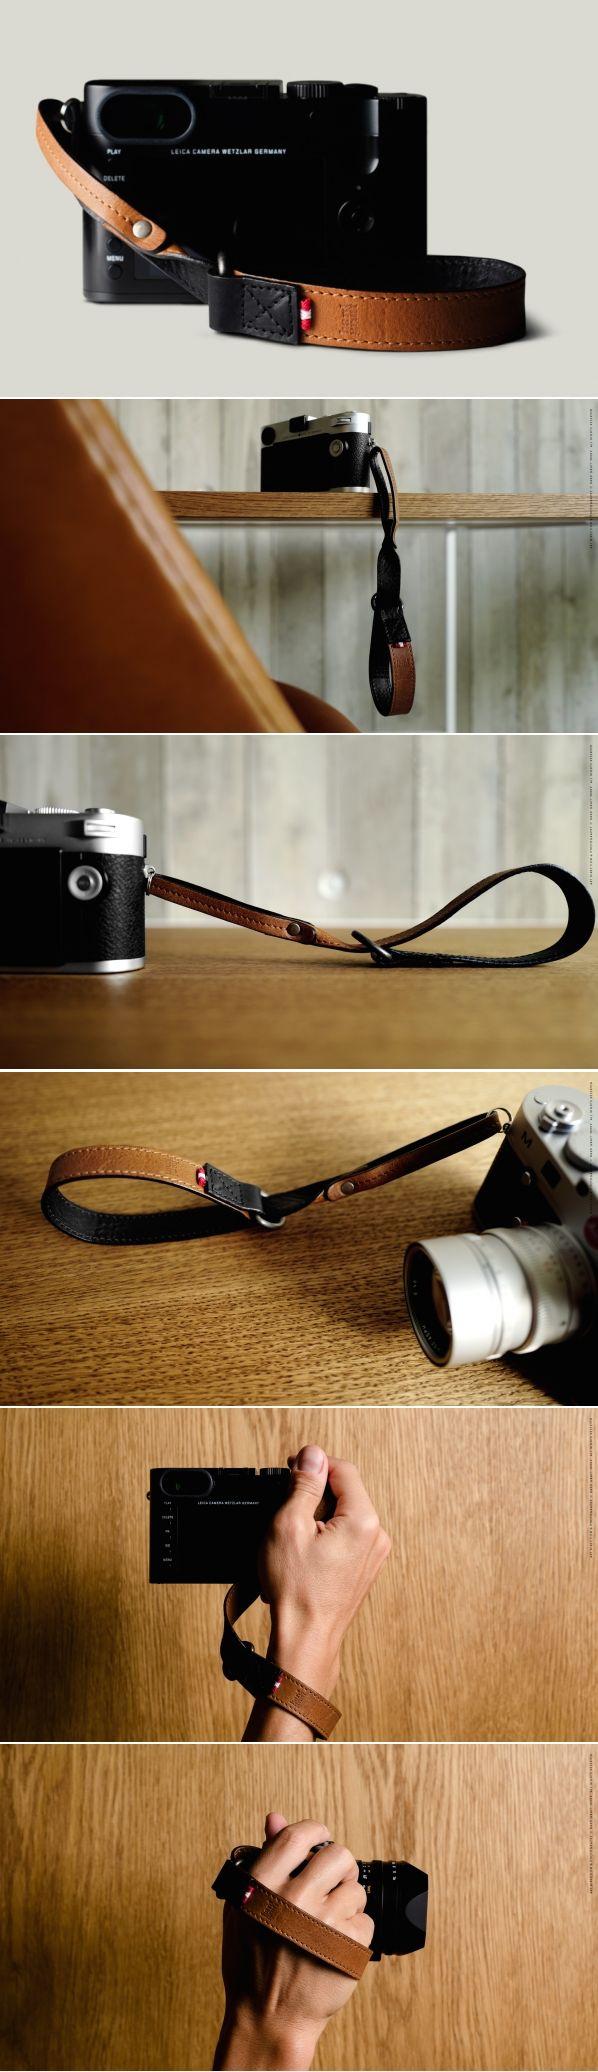 #hardgraft Slide Camera Wrist Strap